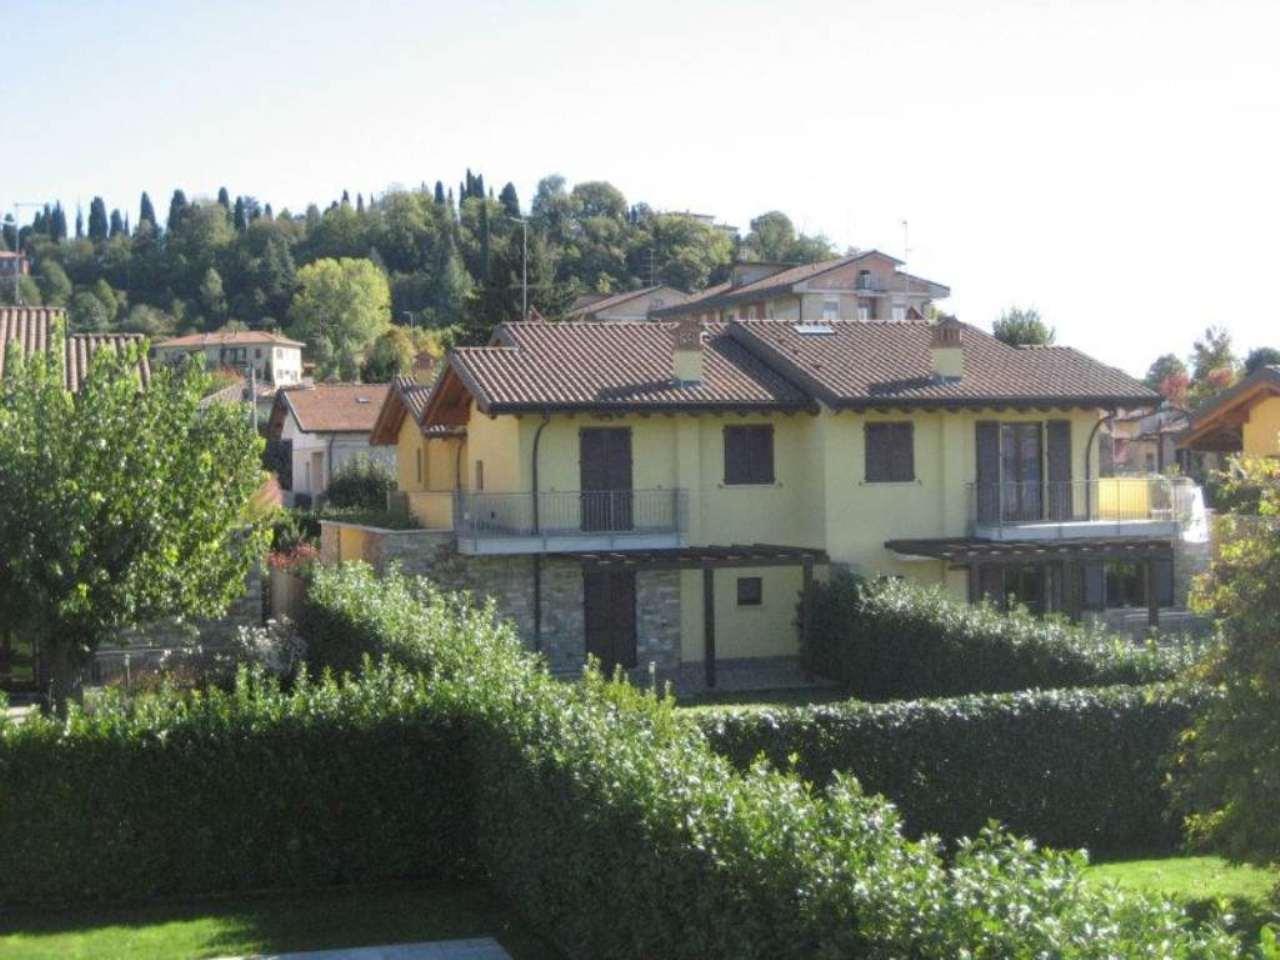 Villa in vendita a Bergamo, 5 locali, prezzo € 680.000 | Cambio Casa.it